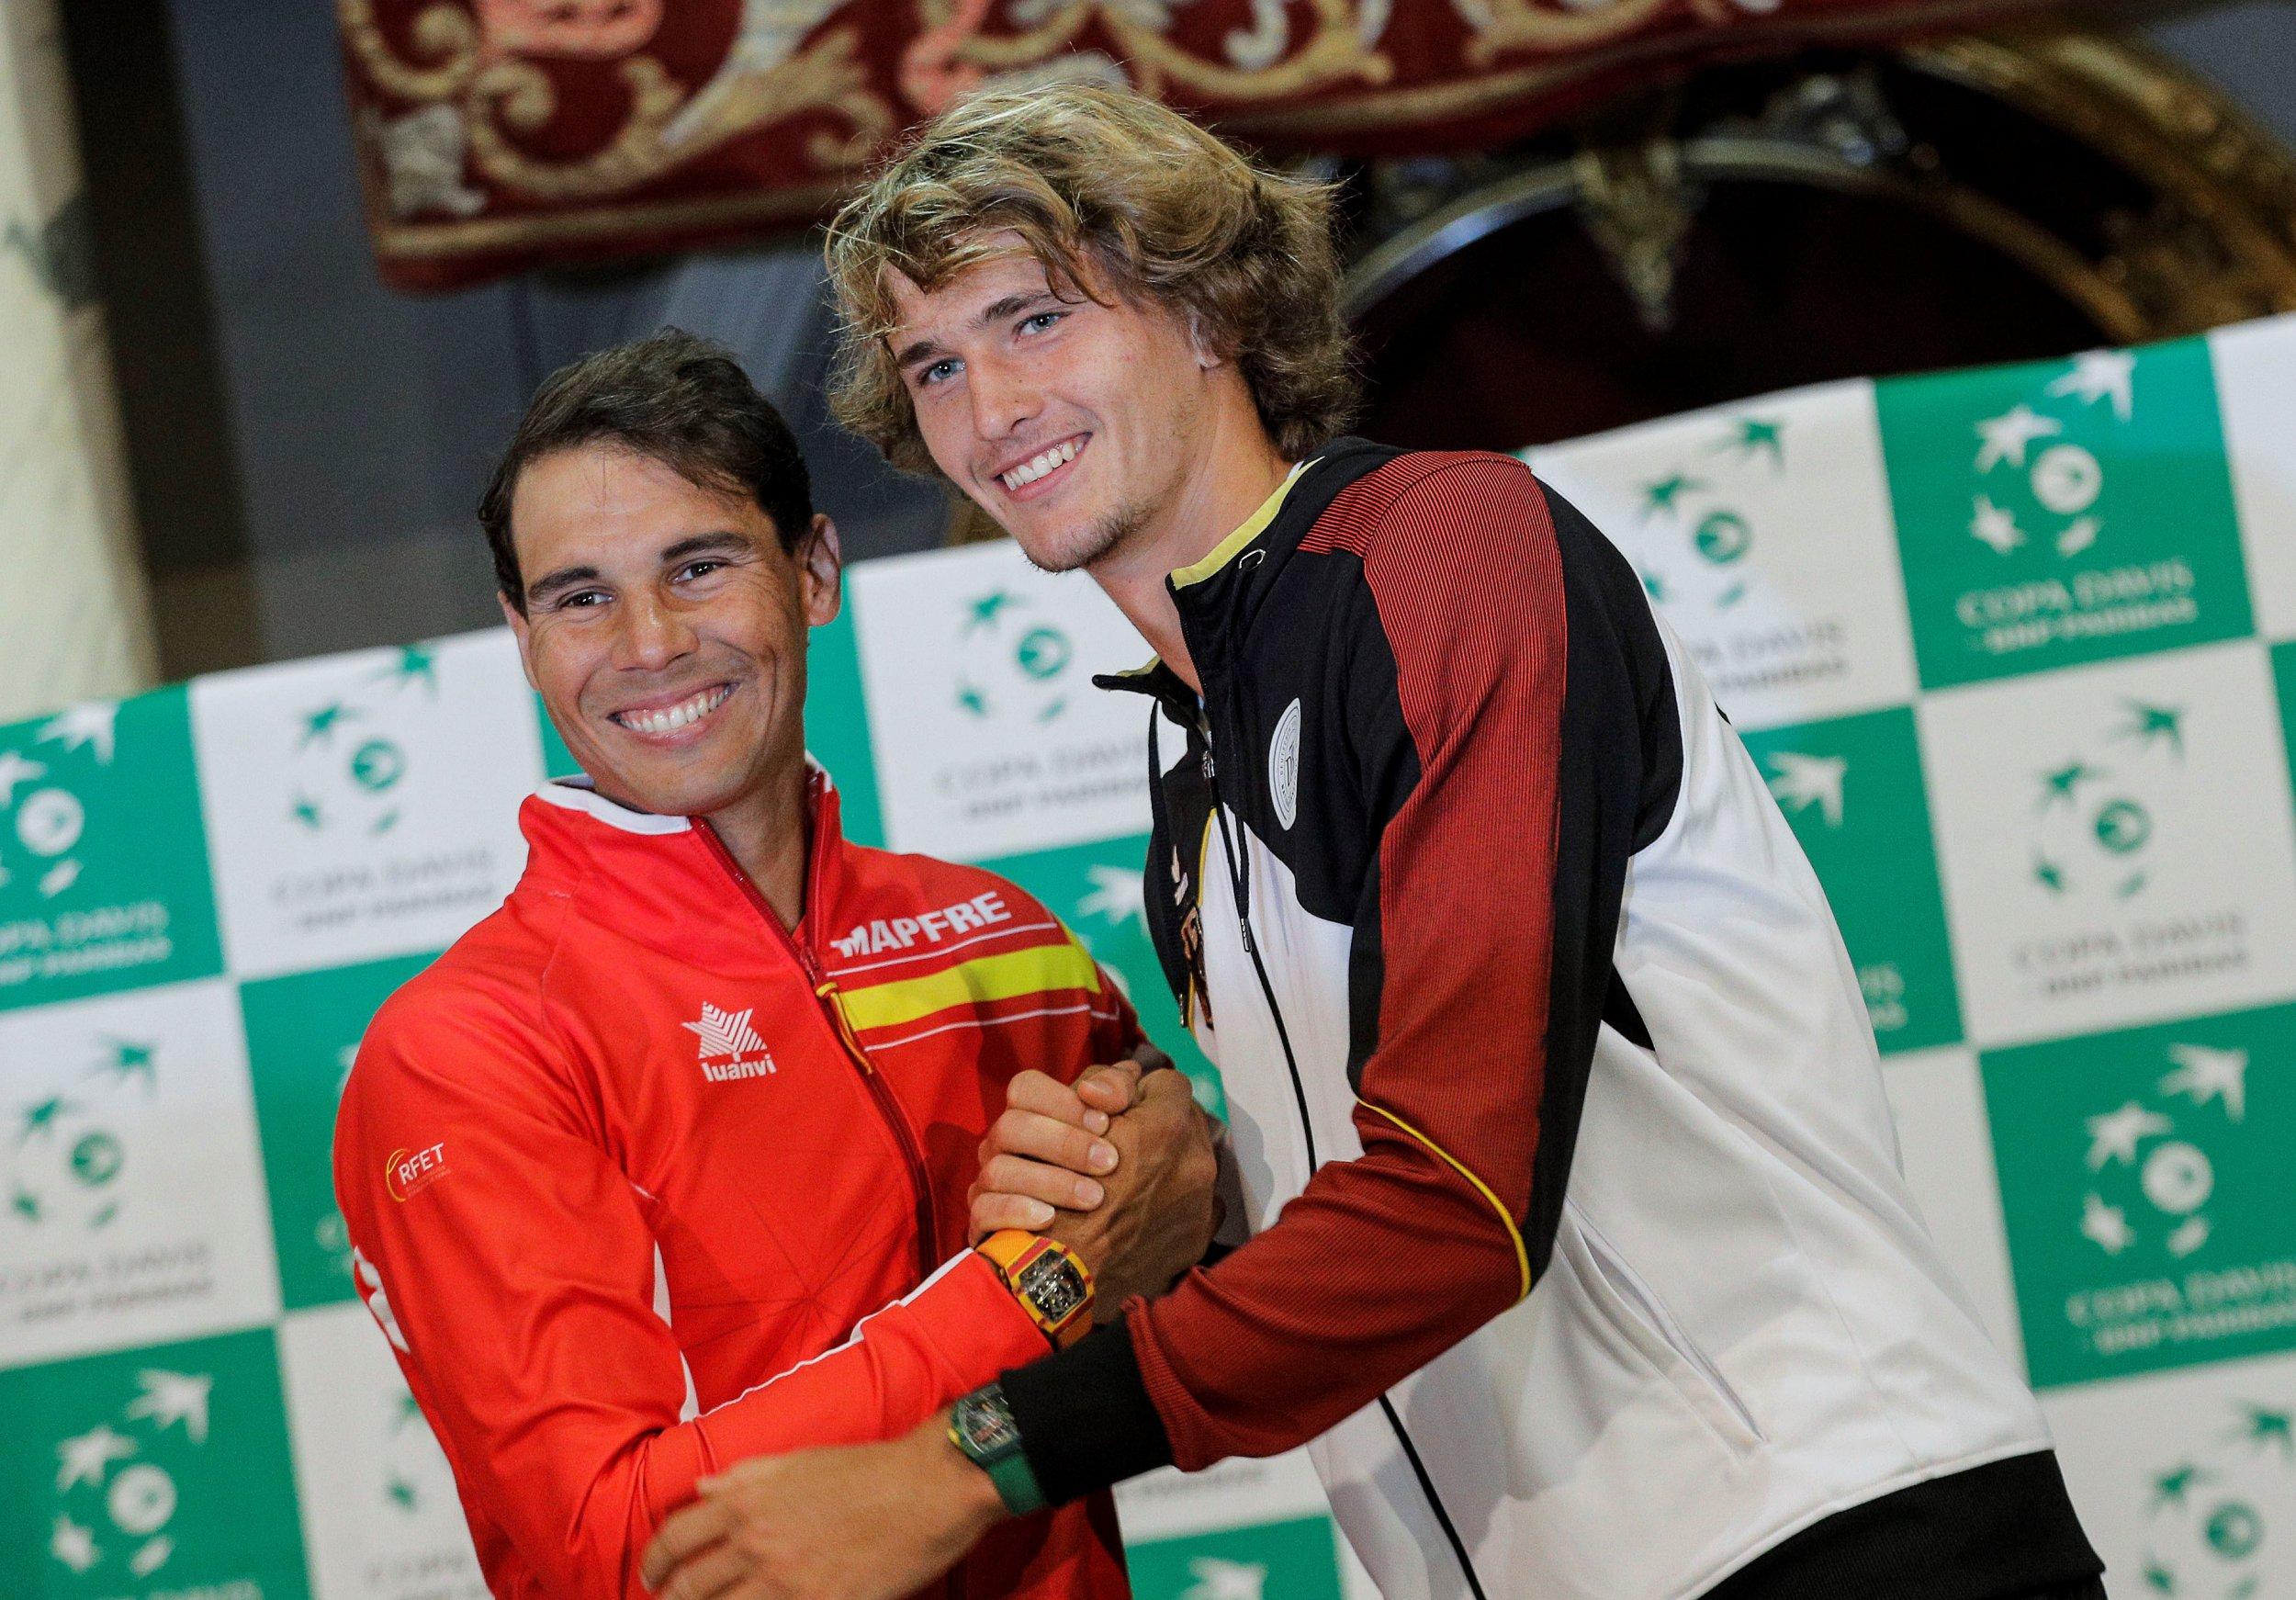 Rafael Nadal still struggling for full fitness ahead of Davis Cup return